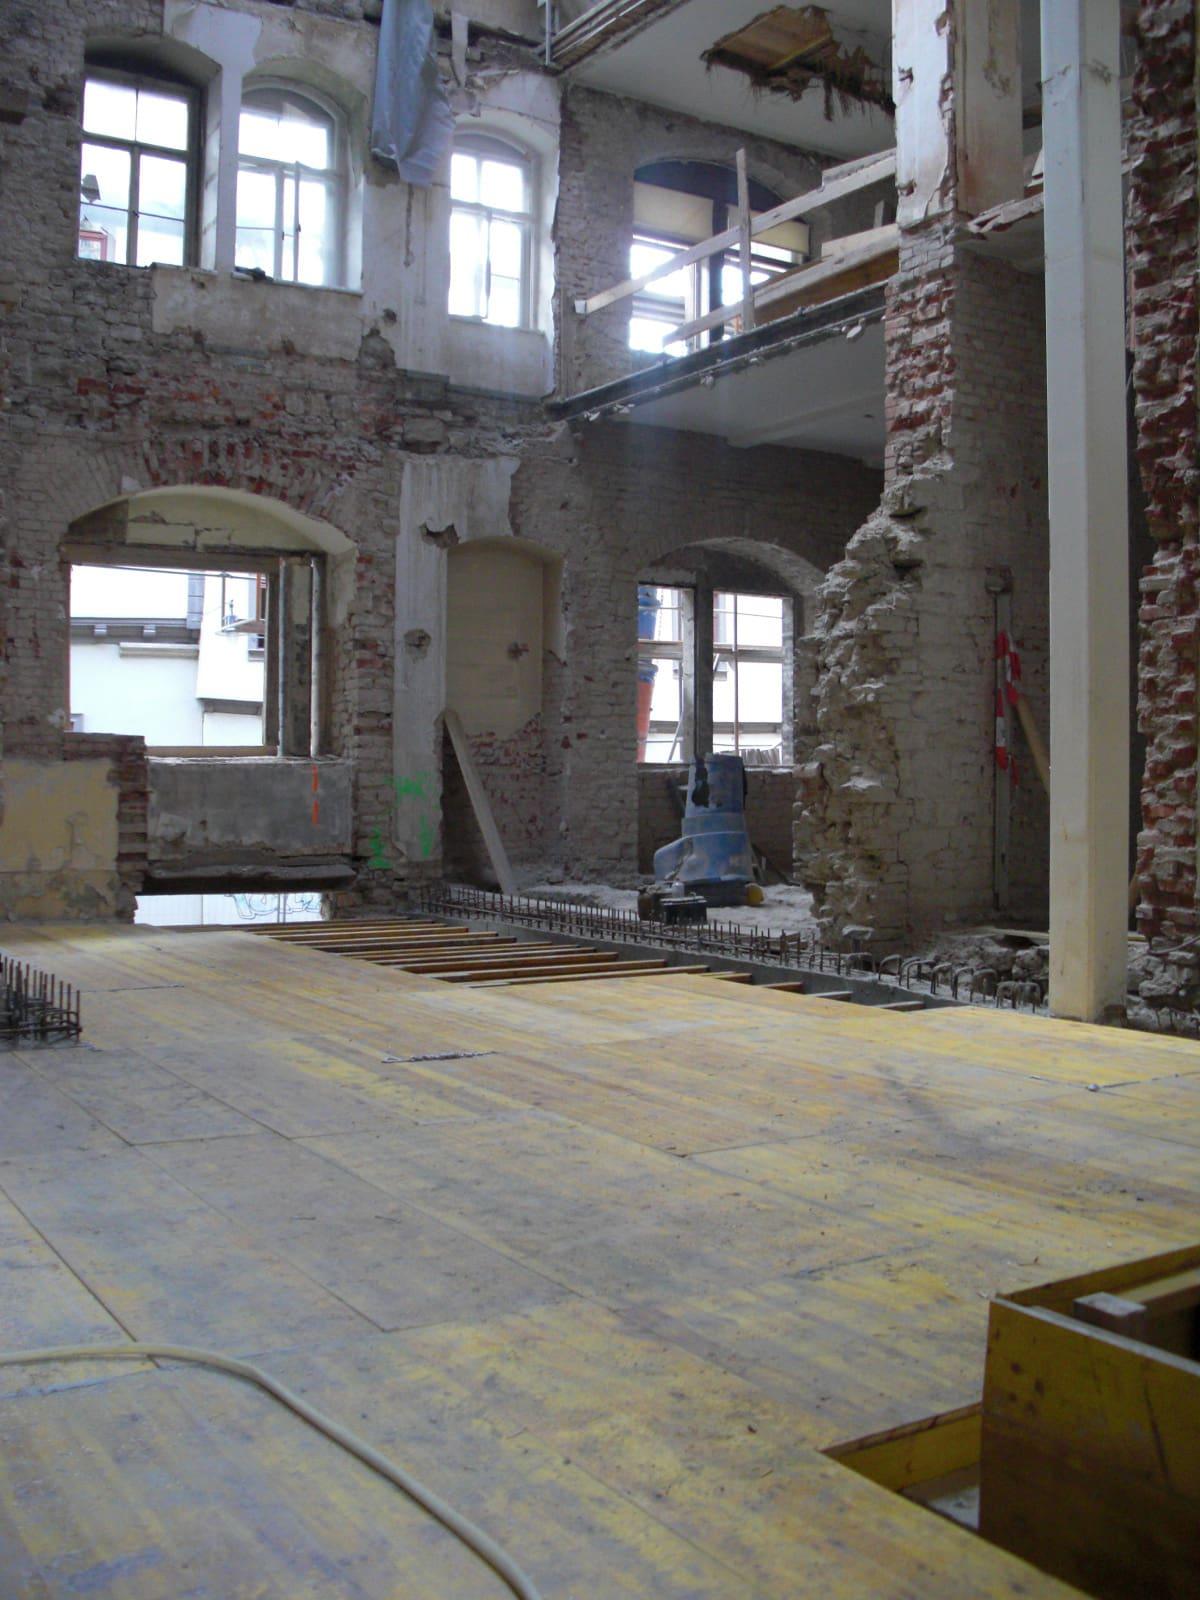 Bauleitung steinblock architekten magdeburg - Architekten magdeburg ...